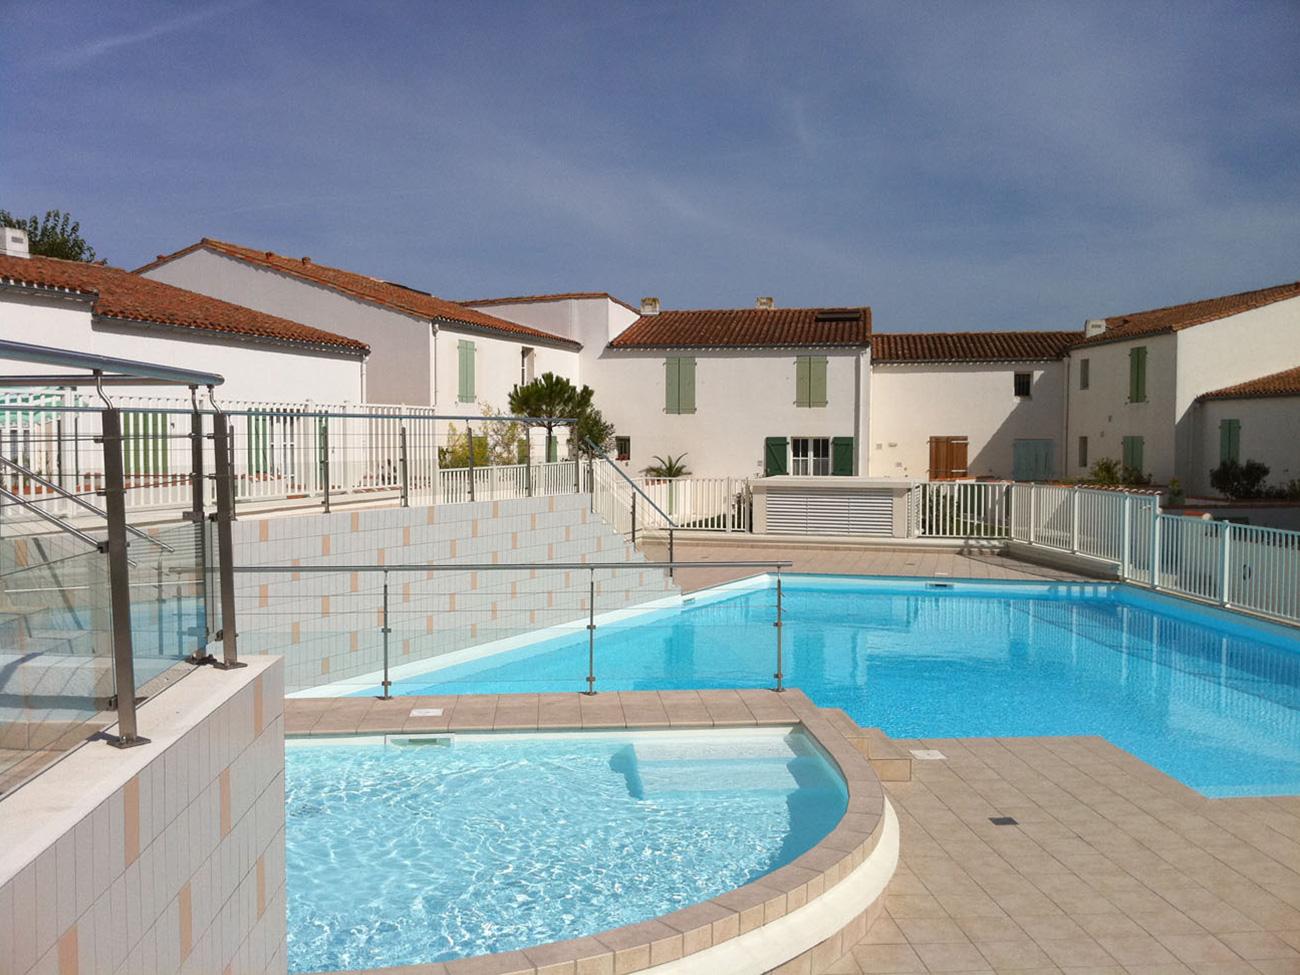 Location Appartement Ile de Ré - Oceanis - Piscine